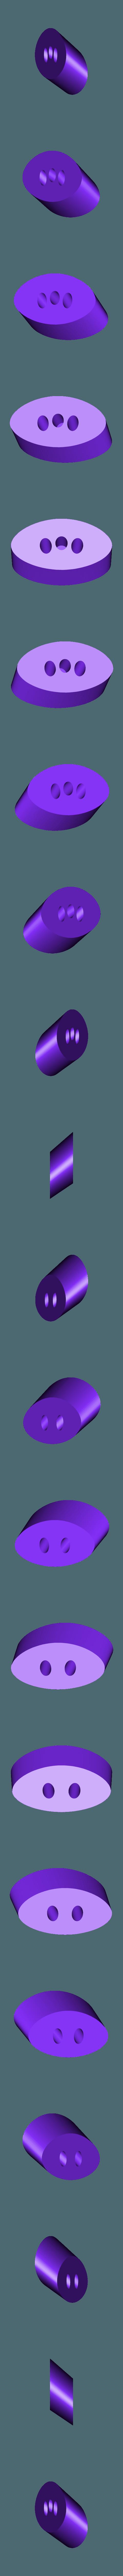 2.stl Télécharger fichier STL Sculpture d'oiseaux • Modèle pour impression 3D, JOHLINK